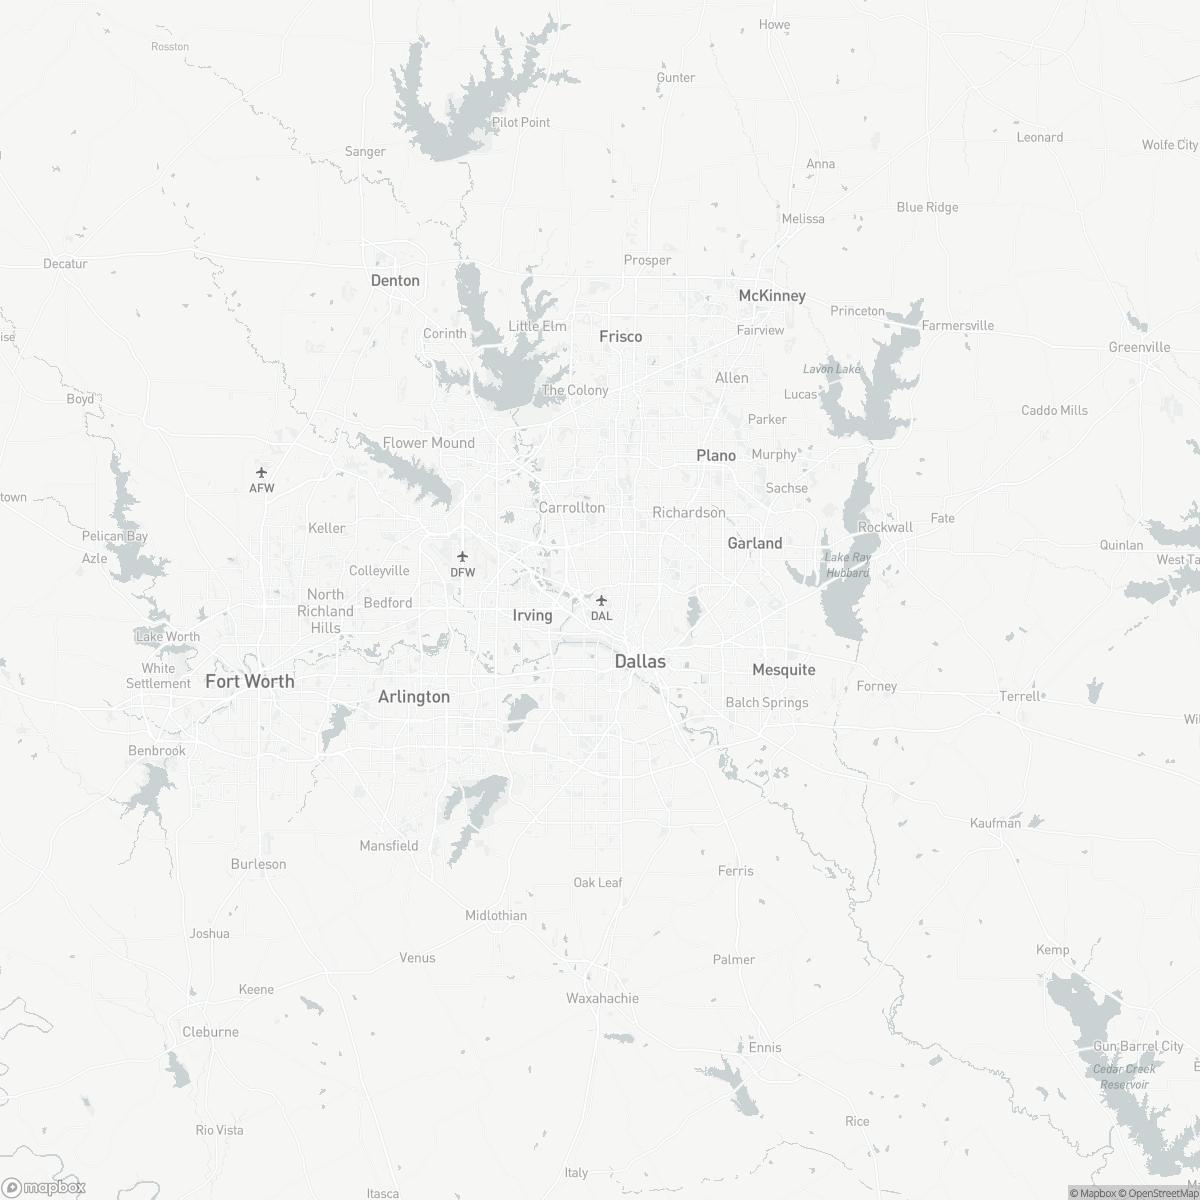 Map of Dallas Love Field DAL surrounding area of Dallas Texas